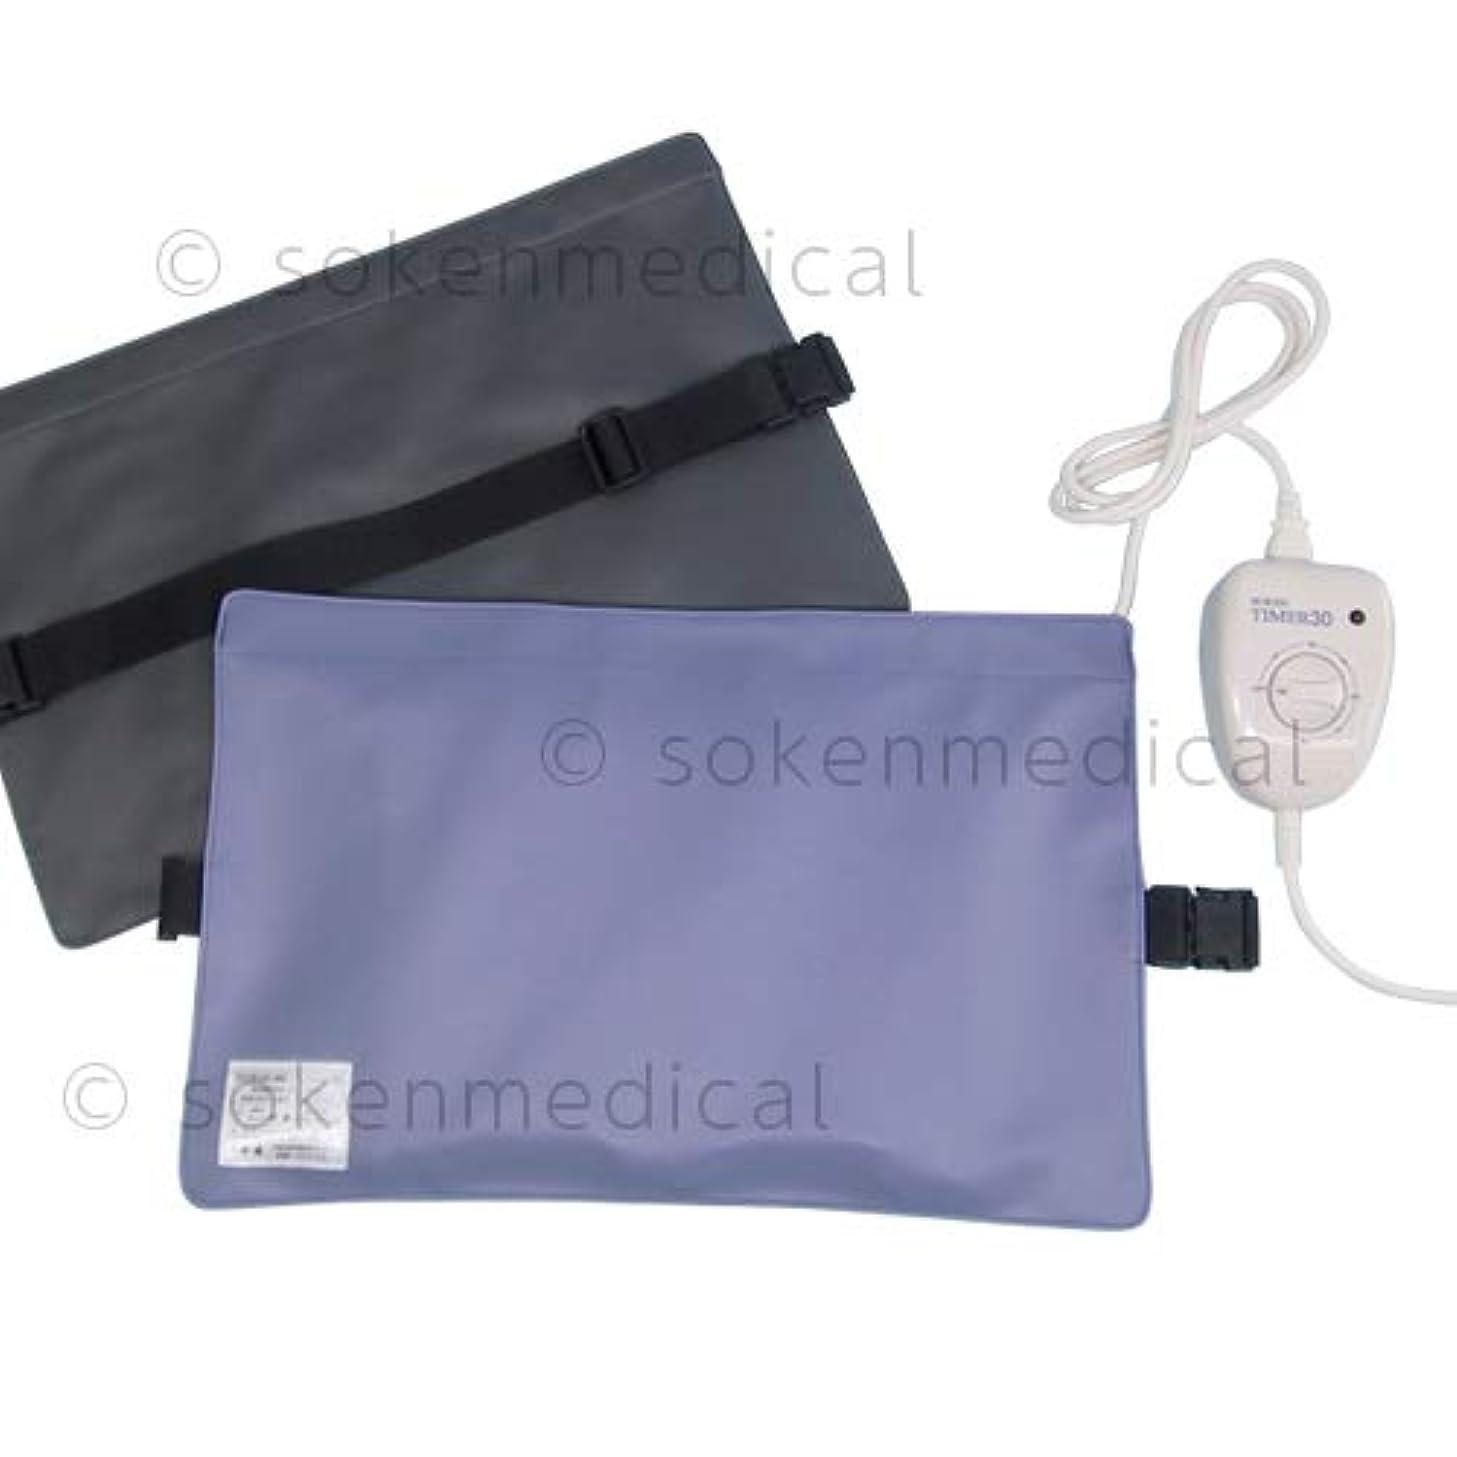 振動させる間違いパワーセル電気磁気治療器「ソーケンリラックス」50Hz 血流を良くしてコリをほぐす効果抜群!